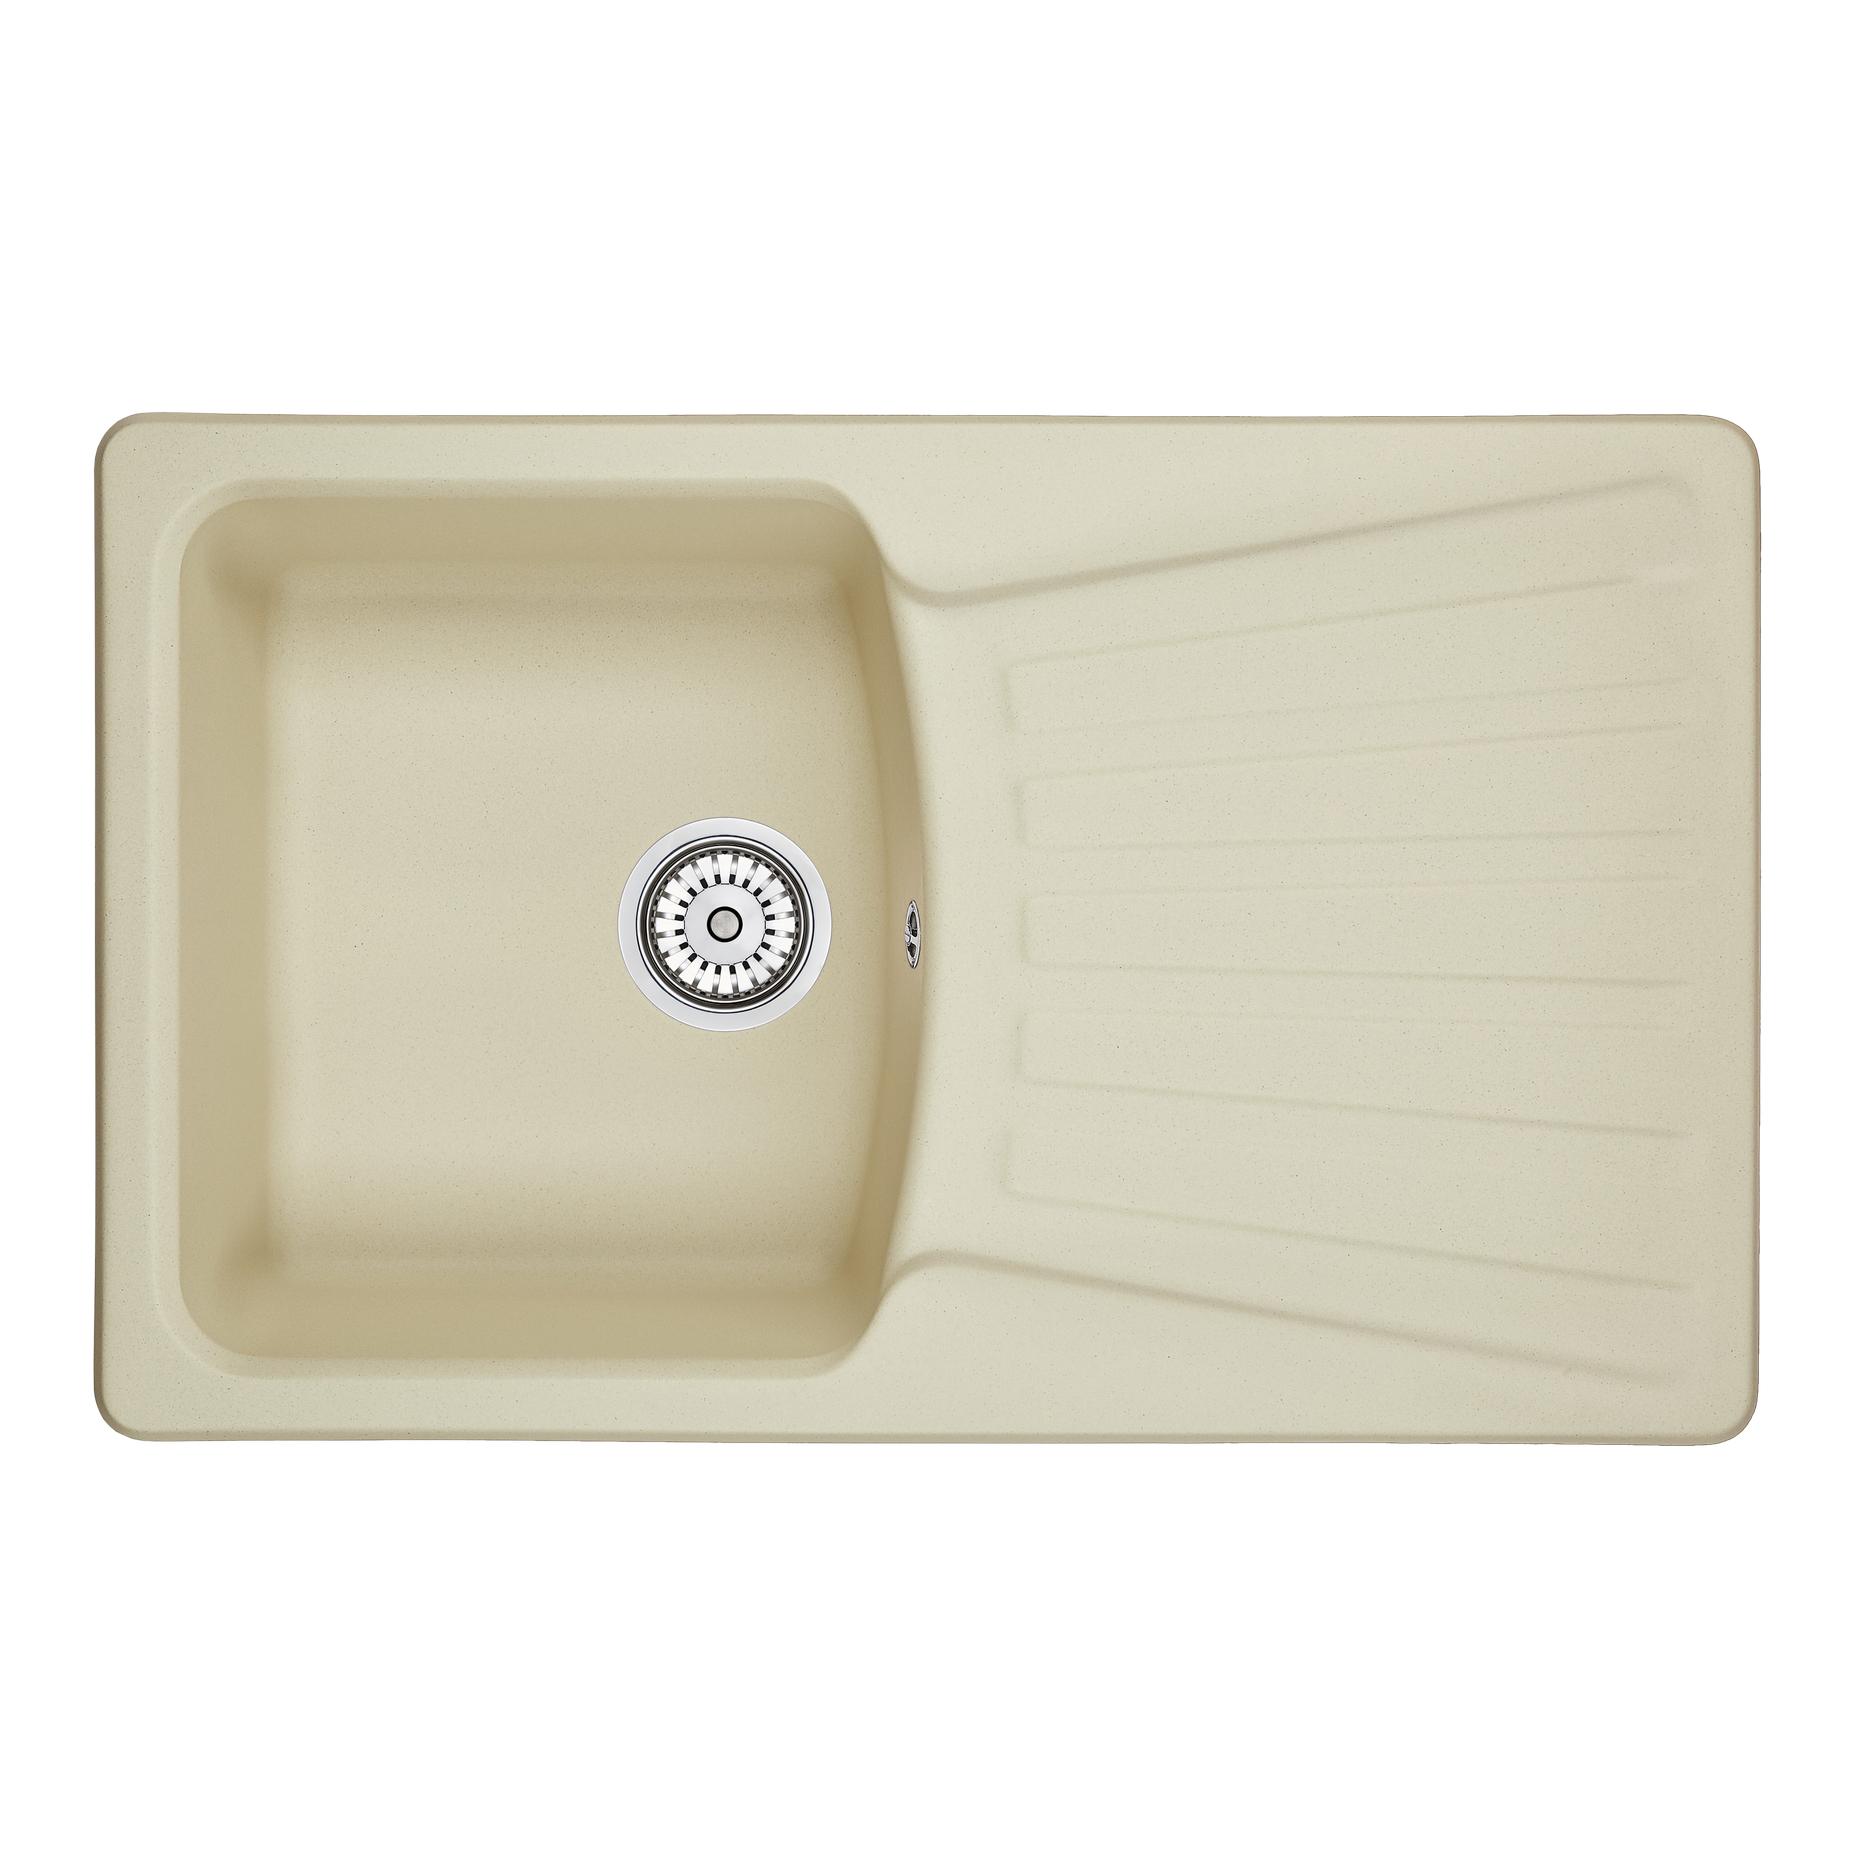 Кухонная мойка Granula GR-8001 790х500 брют посуда кухонная